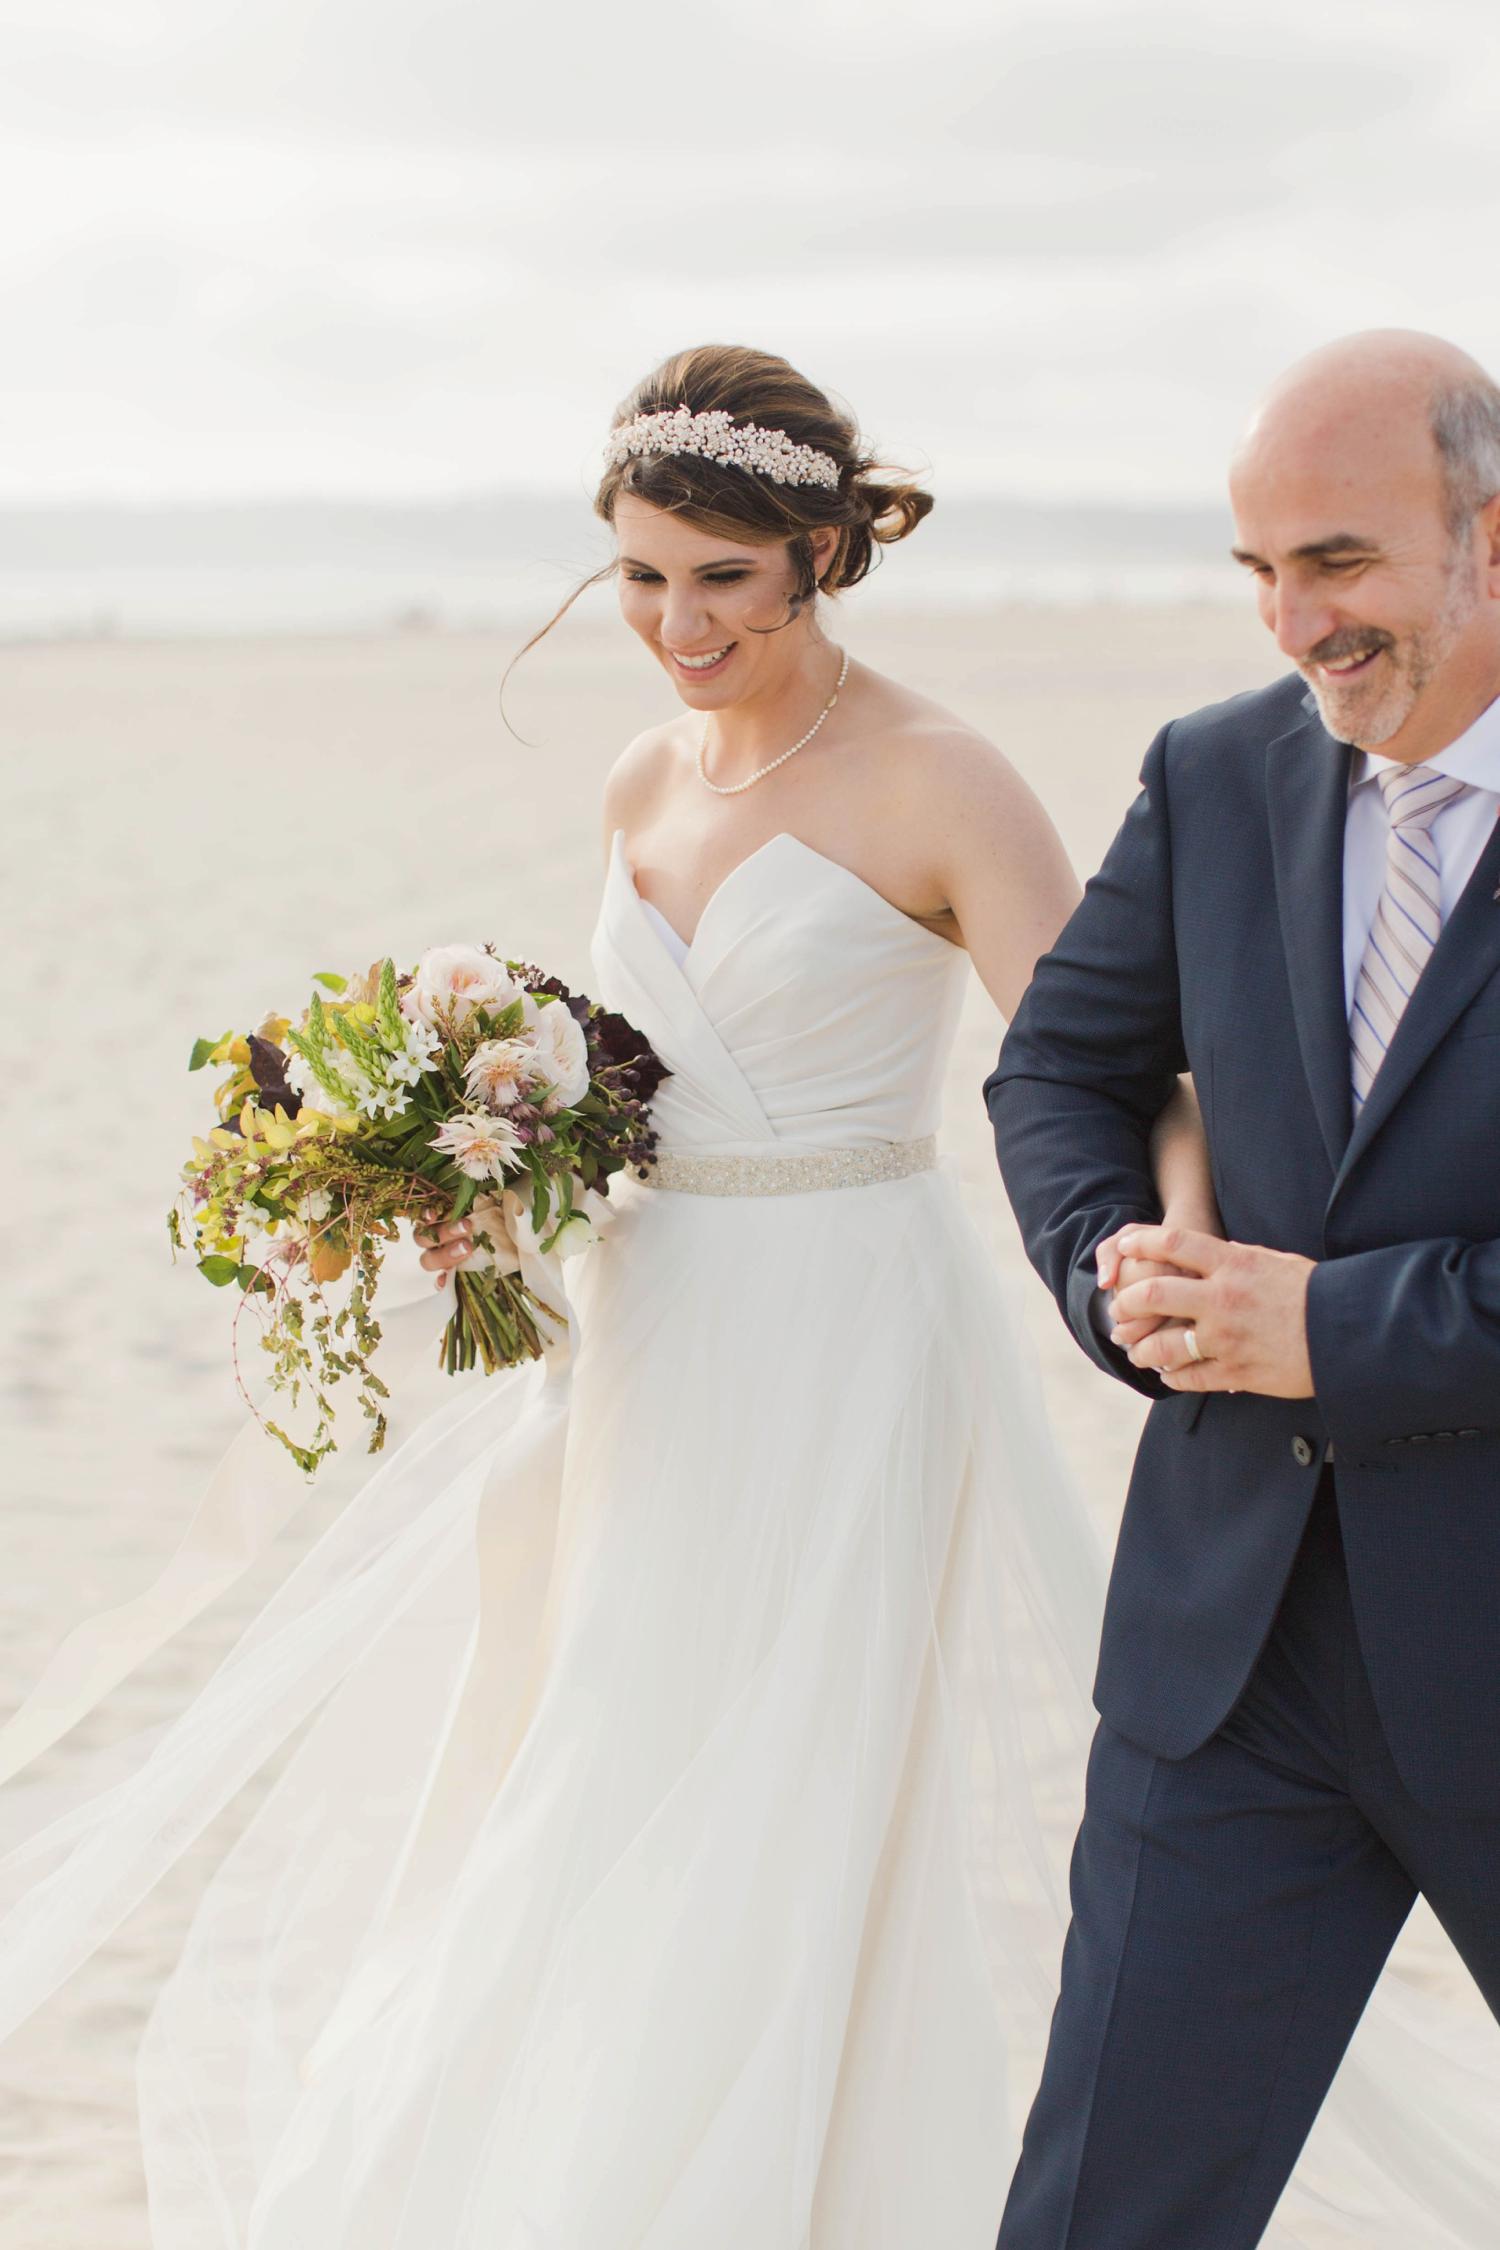 shewanders.coronado.wedding.photography2381.jpg.wedding.photography2381.jpg